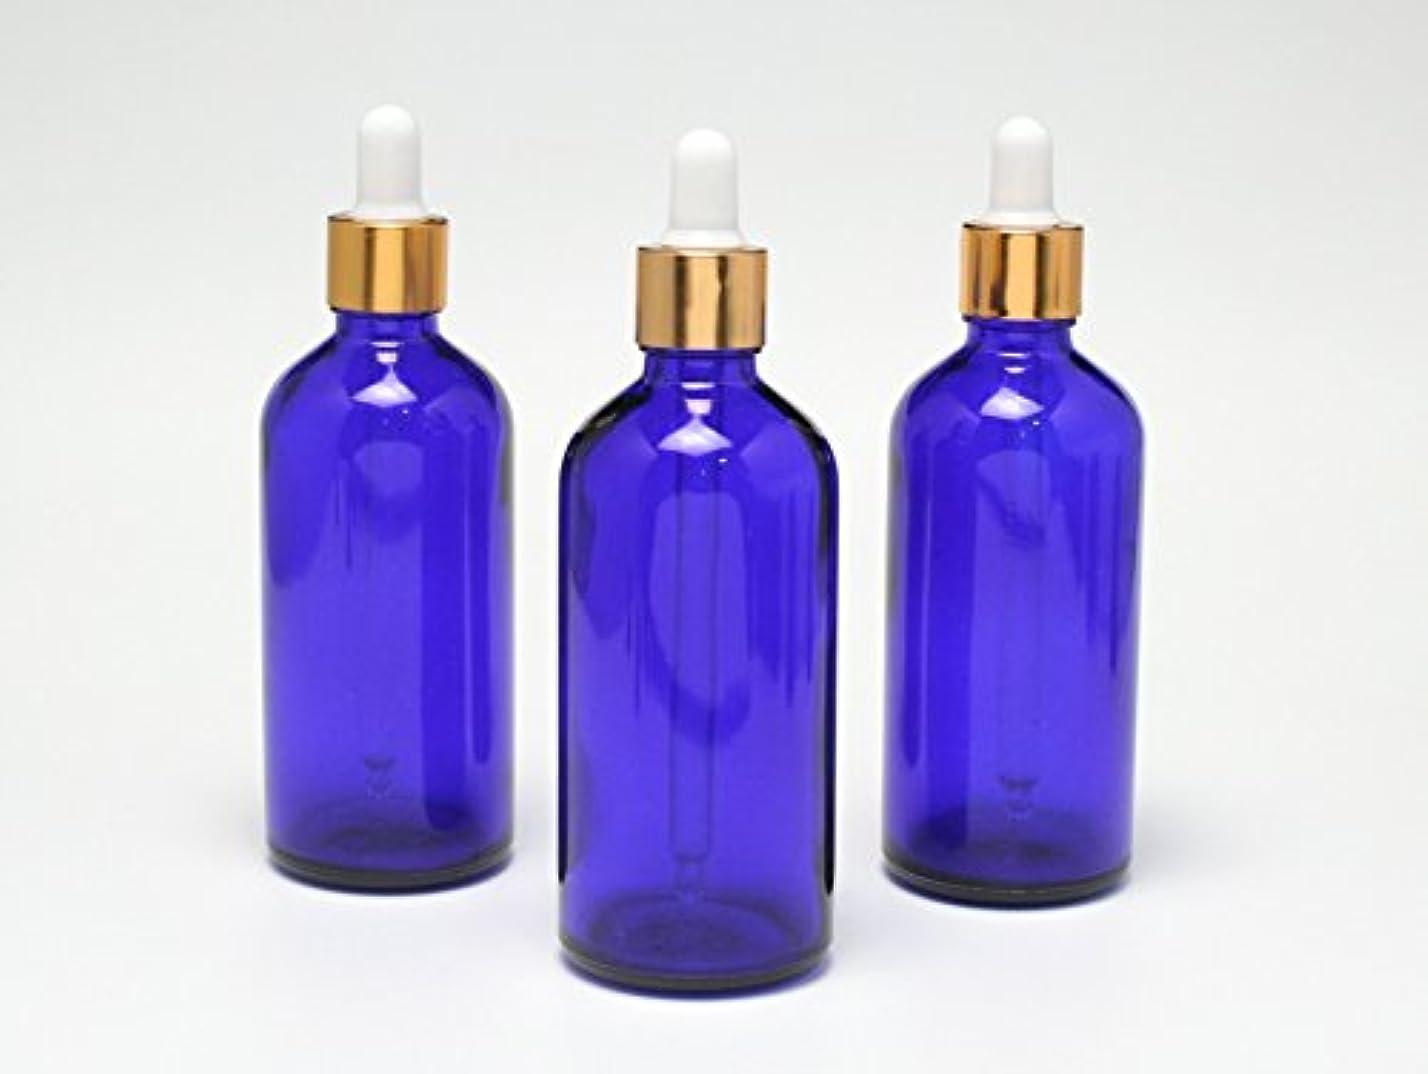 アウター解釈するカウントアップ遮光瓶 エッセンシャルオイル用 (グラス/スポイトヘッド) 100ml ブルー/ゴールド&ホワイトヘッド 3本セット 【新品アウトレットセール 】